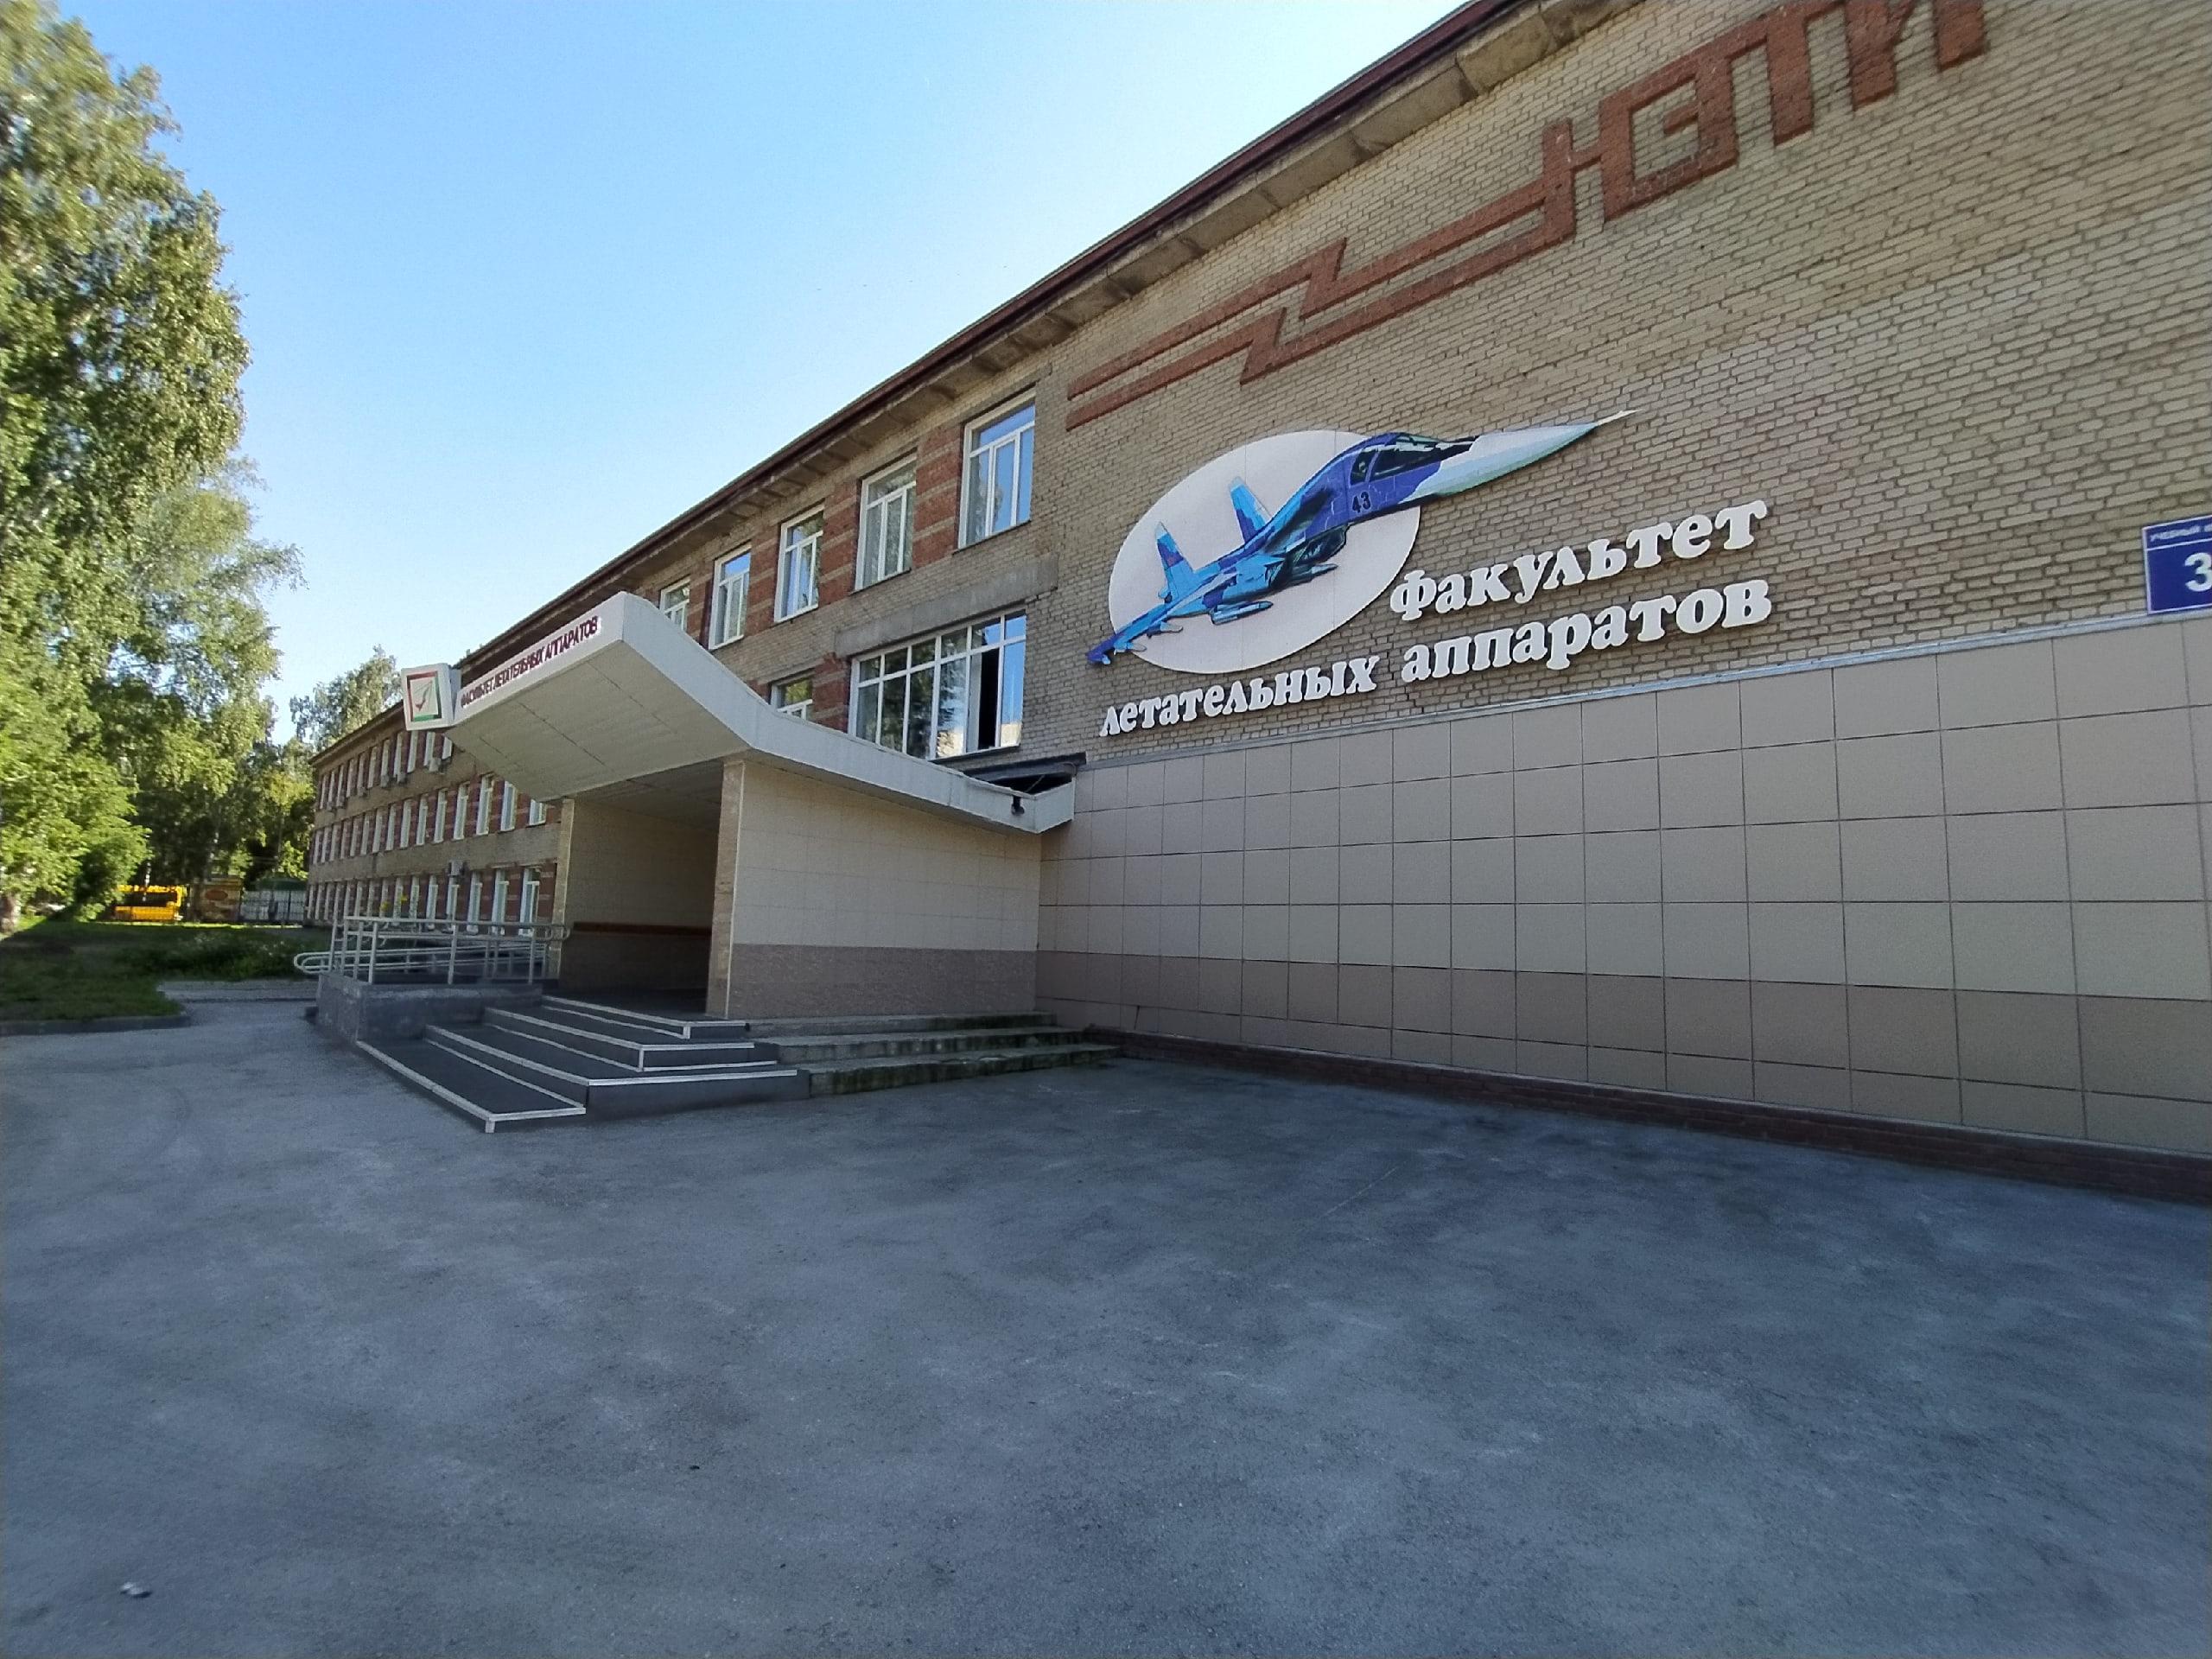 фото В Новосибирске восстанавливают уникальный истребитель времён Второй мировой: на корпусе Ла-5 снова засияют красные звёзды 5